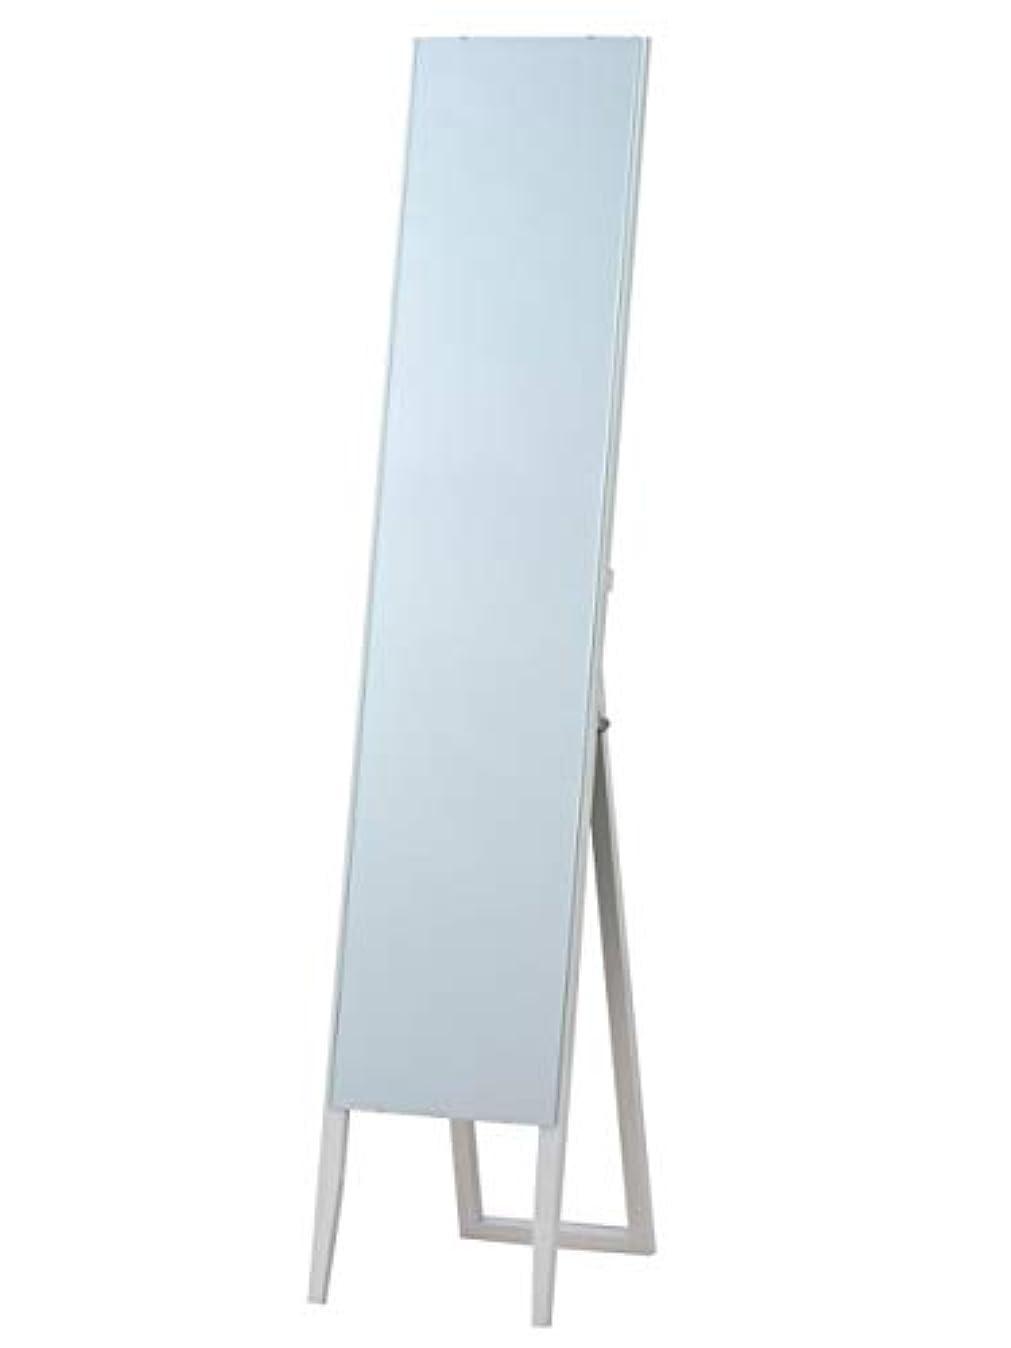 細分化するサンダース性能枠なし ノンフレーム スタンドミラー ホワイト(白) 全身鏡 幅30cm x 高さ150cm 飛散防止 シンプル ミラー ショップ 催事 百貨店 店舗 姿見